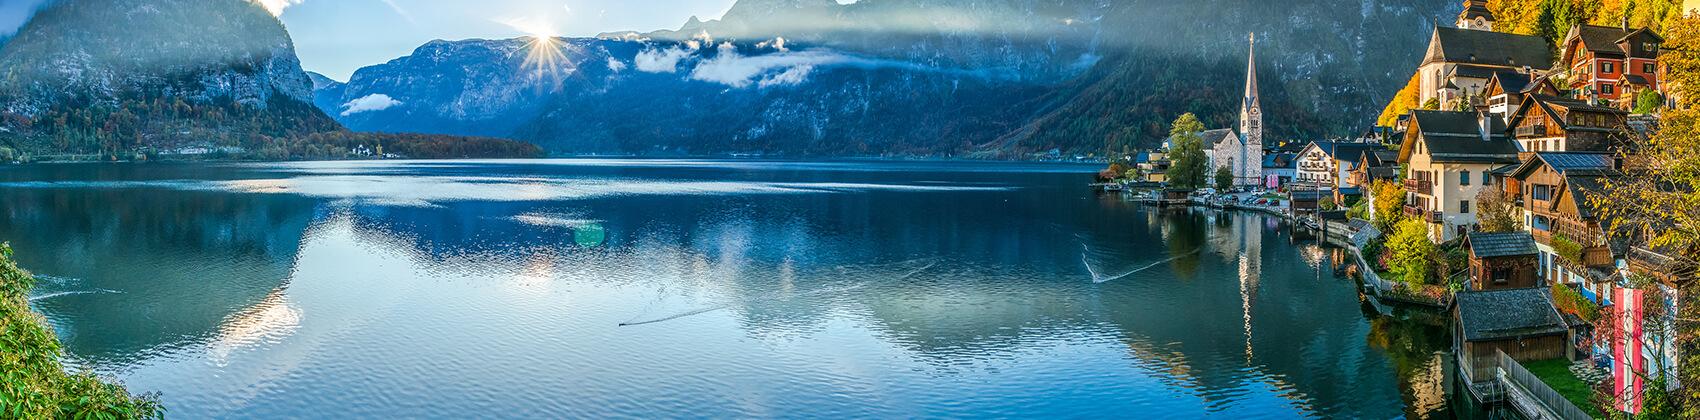 باقات السفر: النمسا